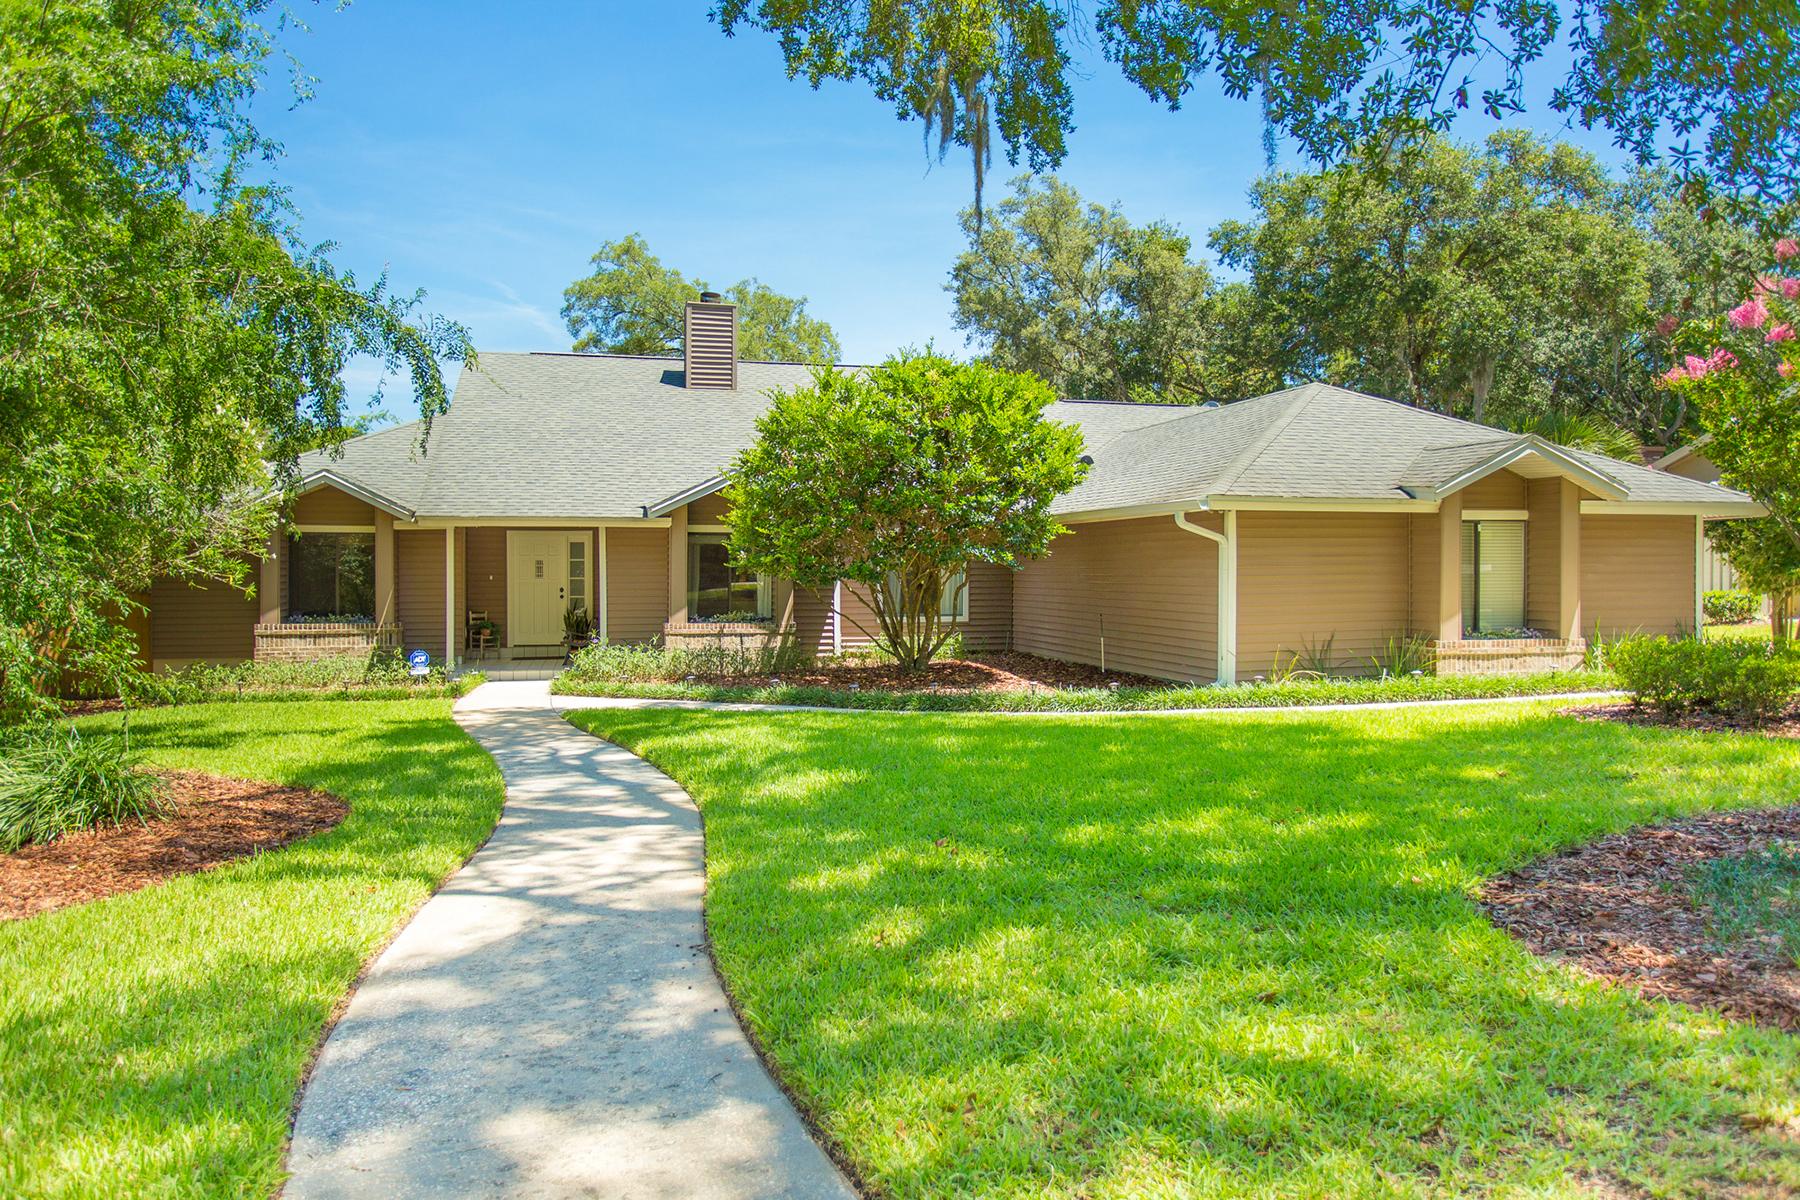 一戸建て のために 売買 アット ORLANDO - LONGWOOD 1444 Northridge Dr Longwood, フロリダ, 32750 アメリカ合衆国